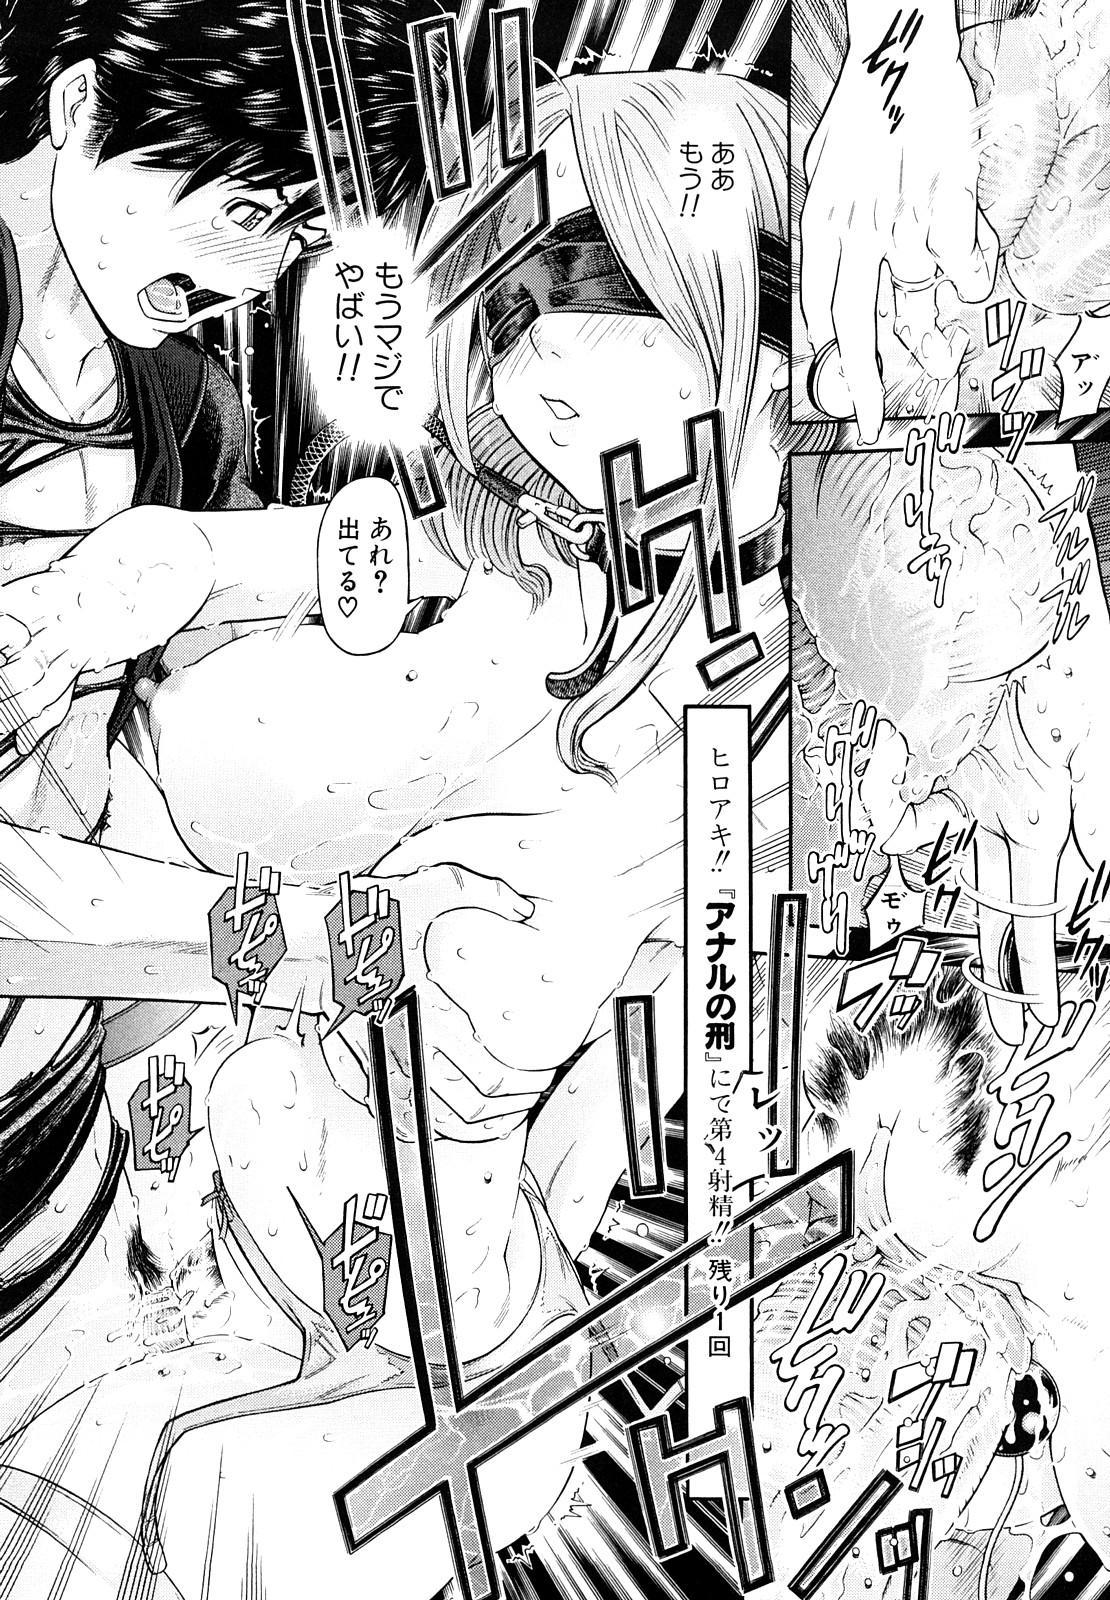 Chijyotachi no Kirifuda 28